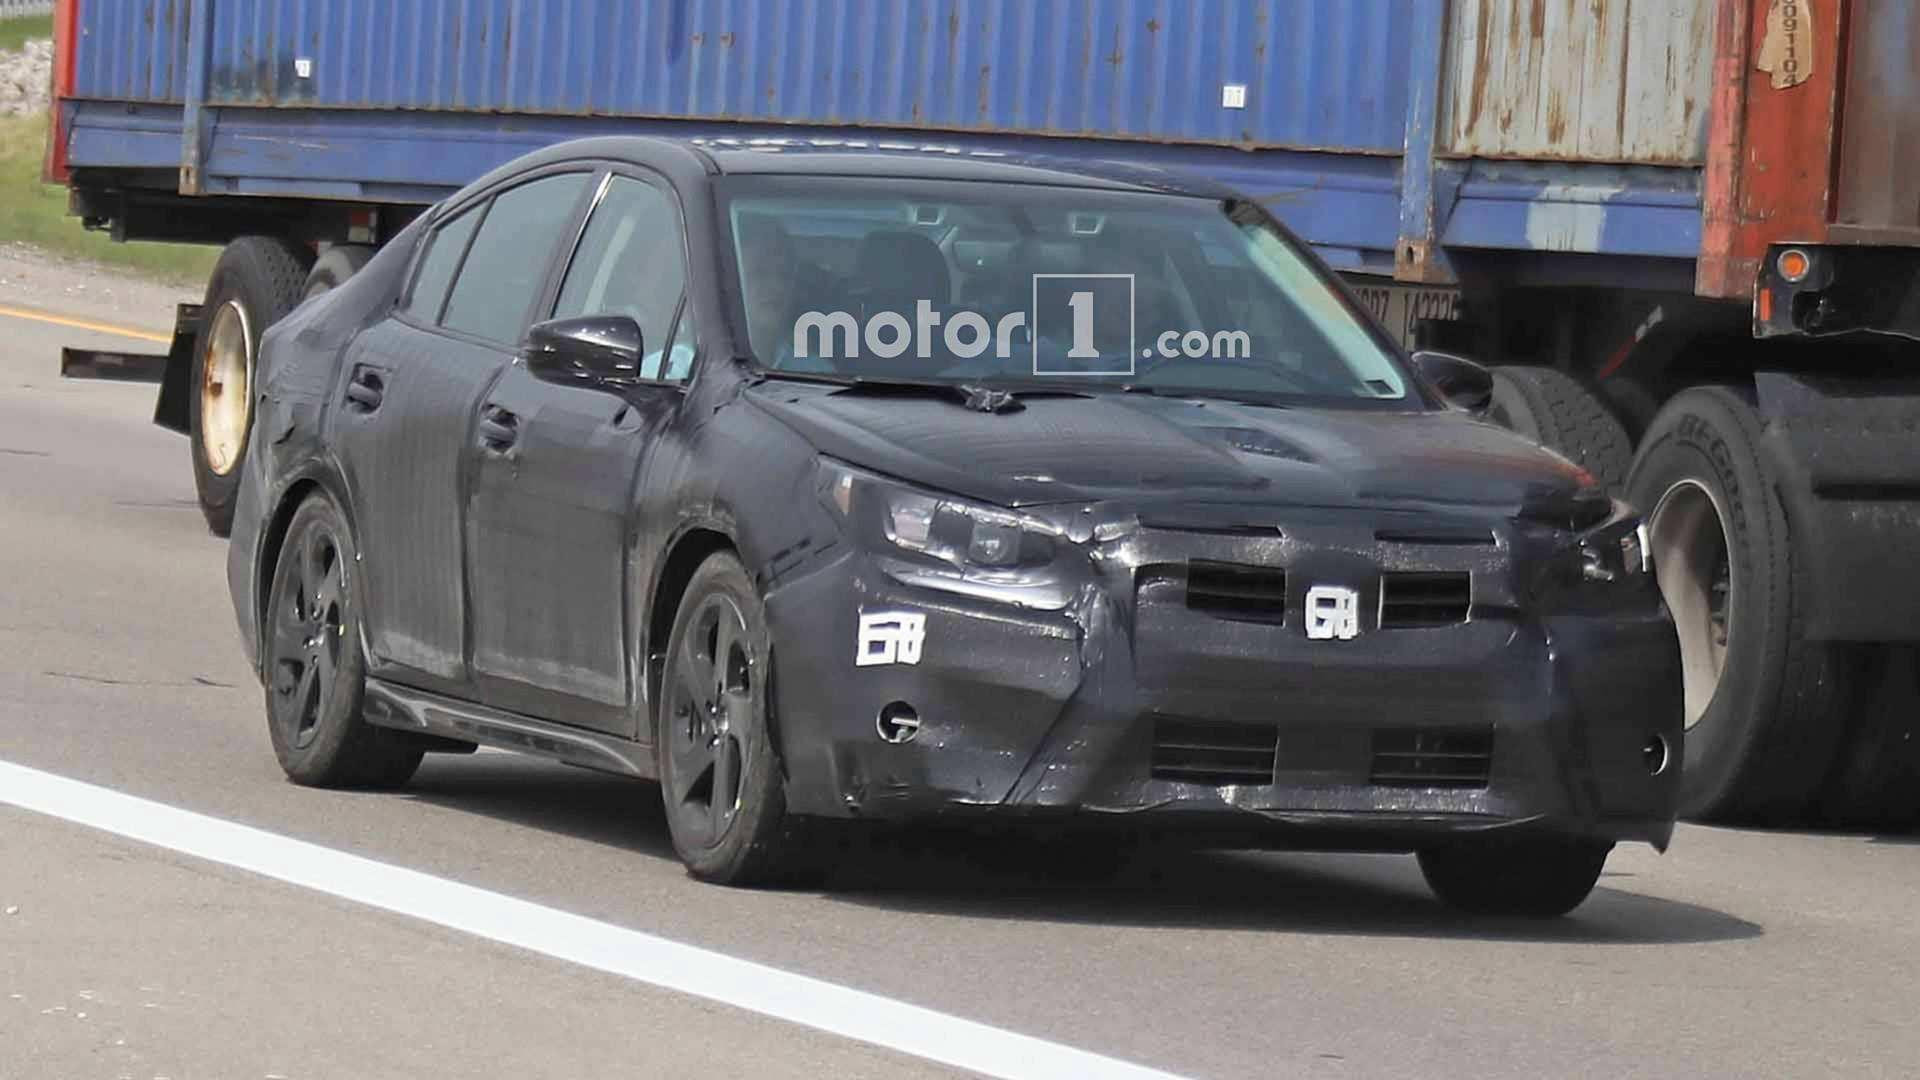 64 The Subaru Eyesight 2020 Images for Subaru Eyesight 2020